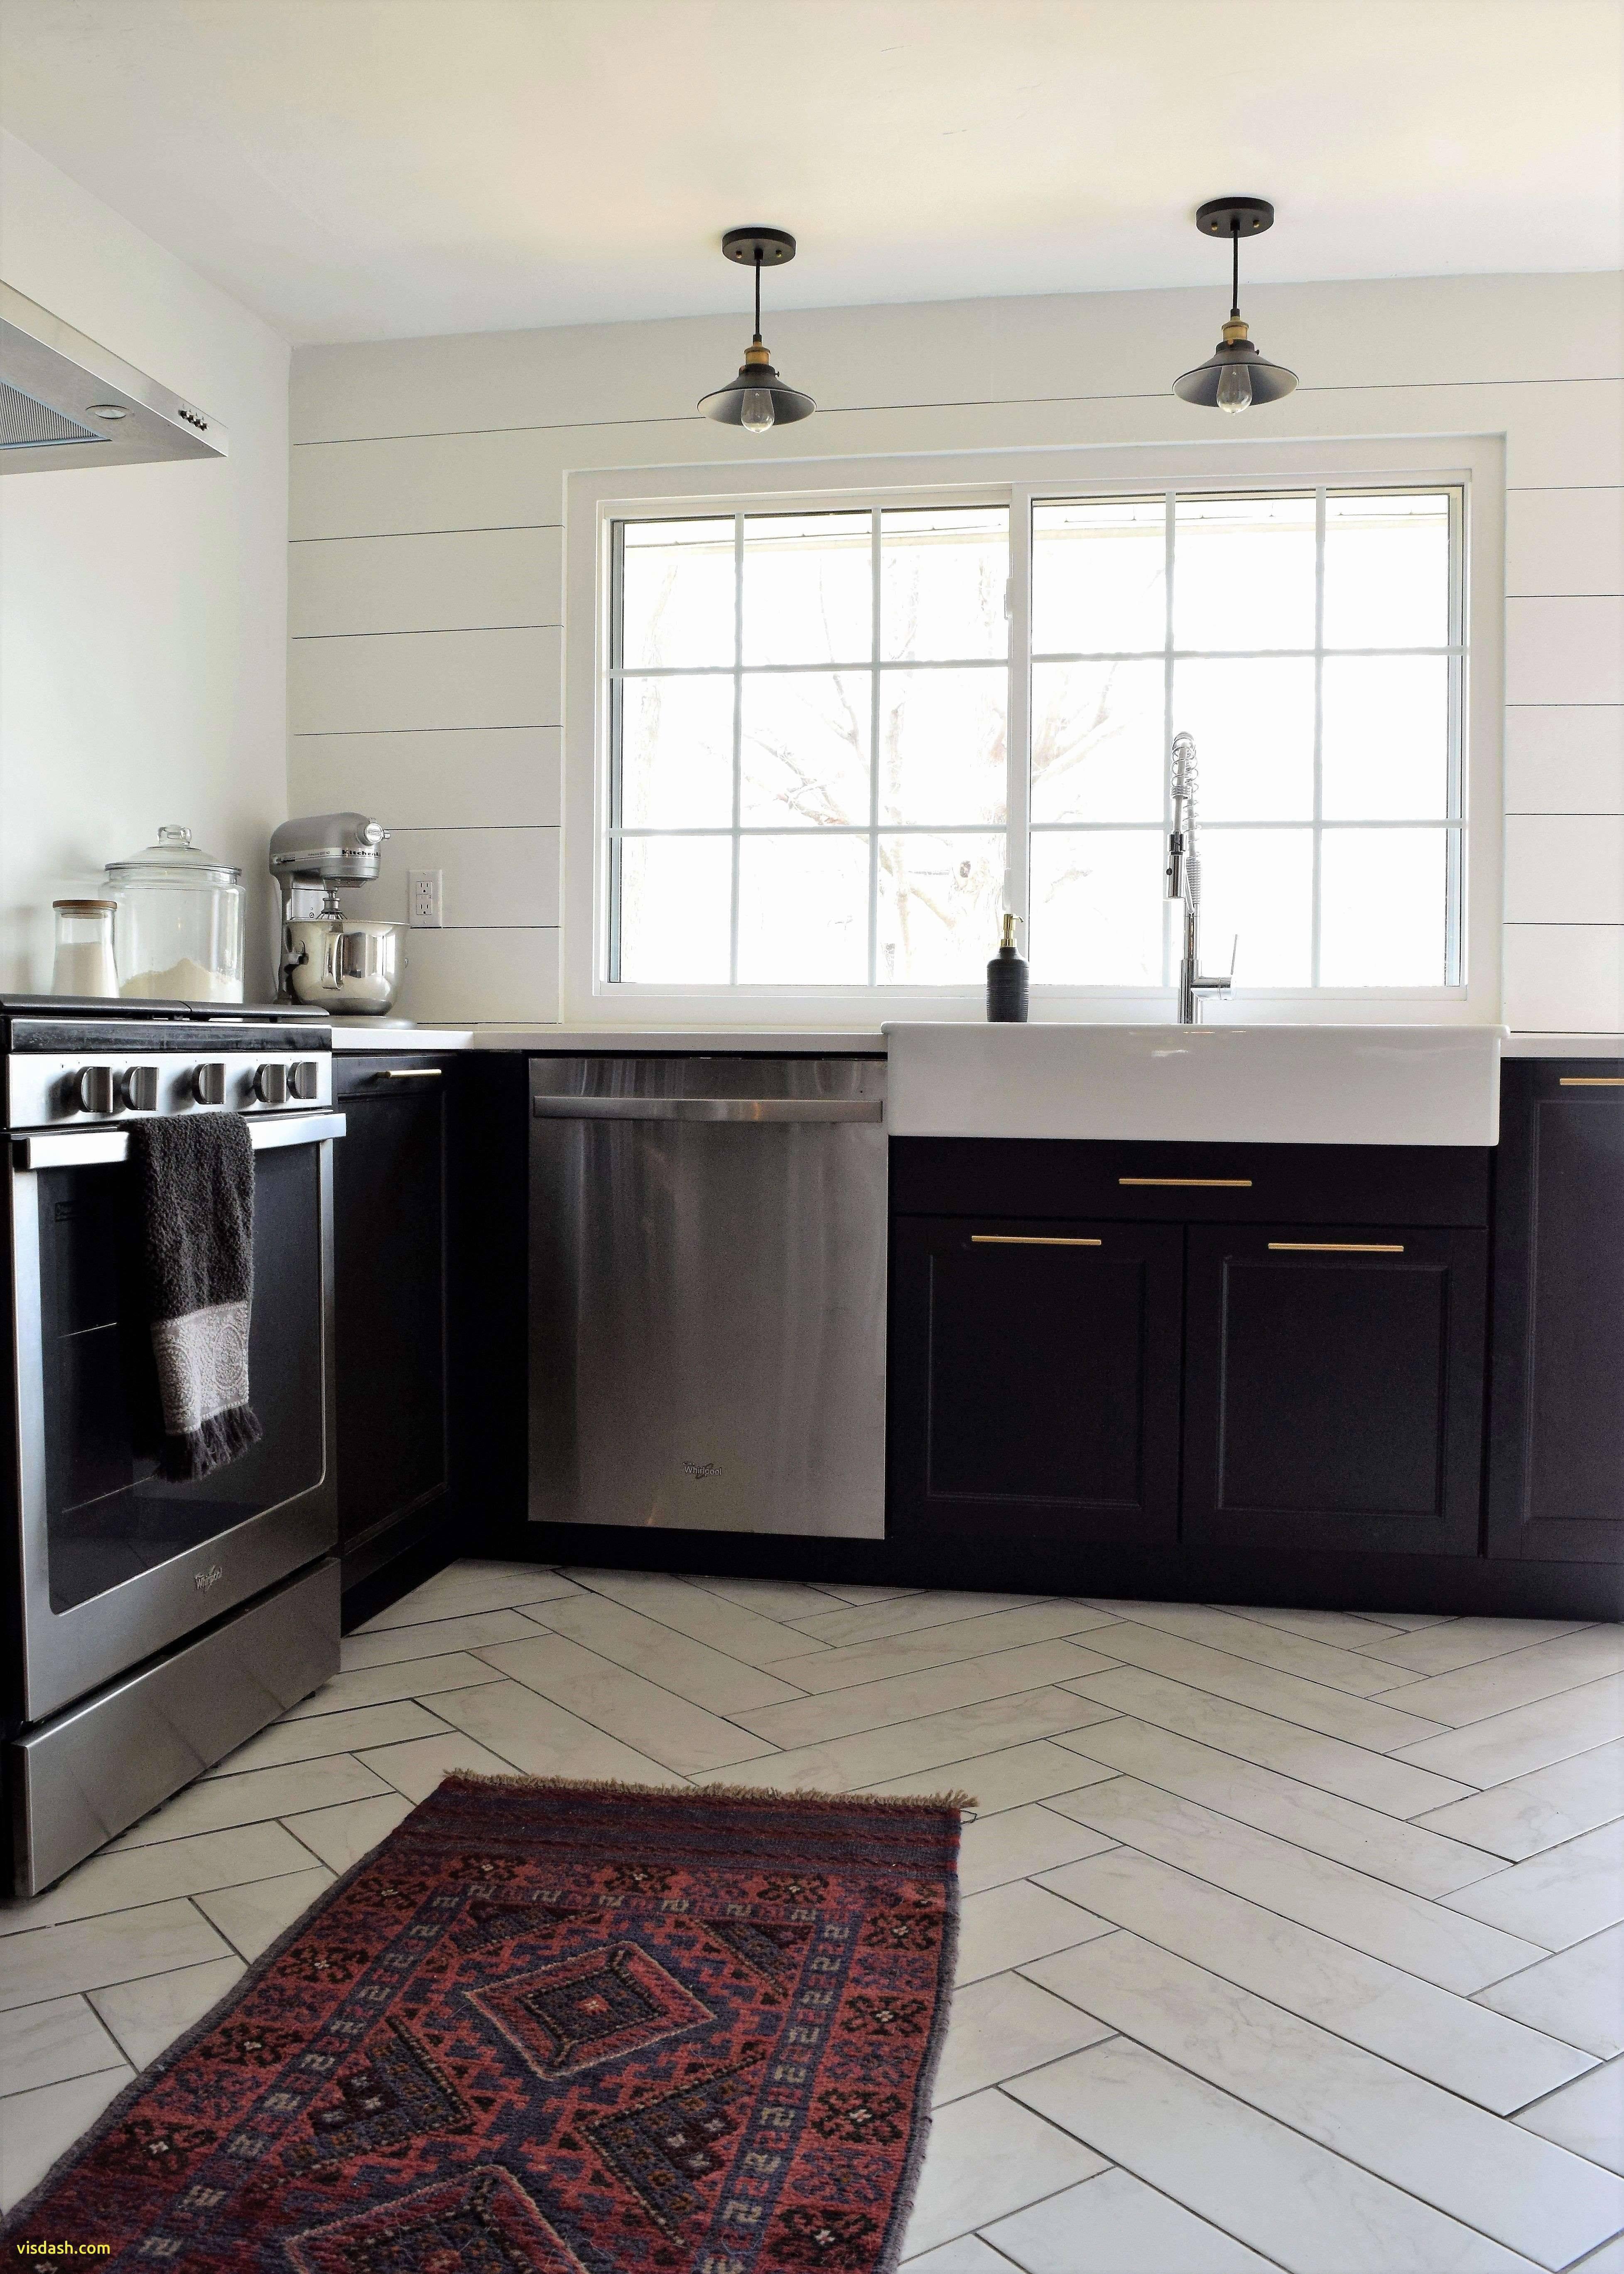 kitchen tiles kitchen l kitchen l kitchen 0d kitchens within burgundy tiles kitchen of burgundy tiles kitchen